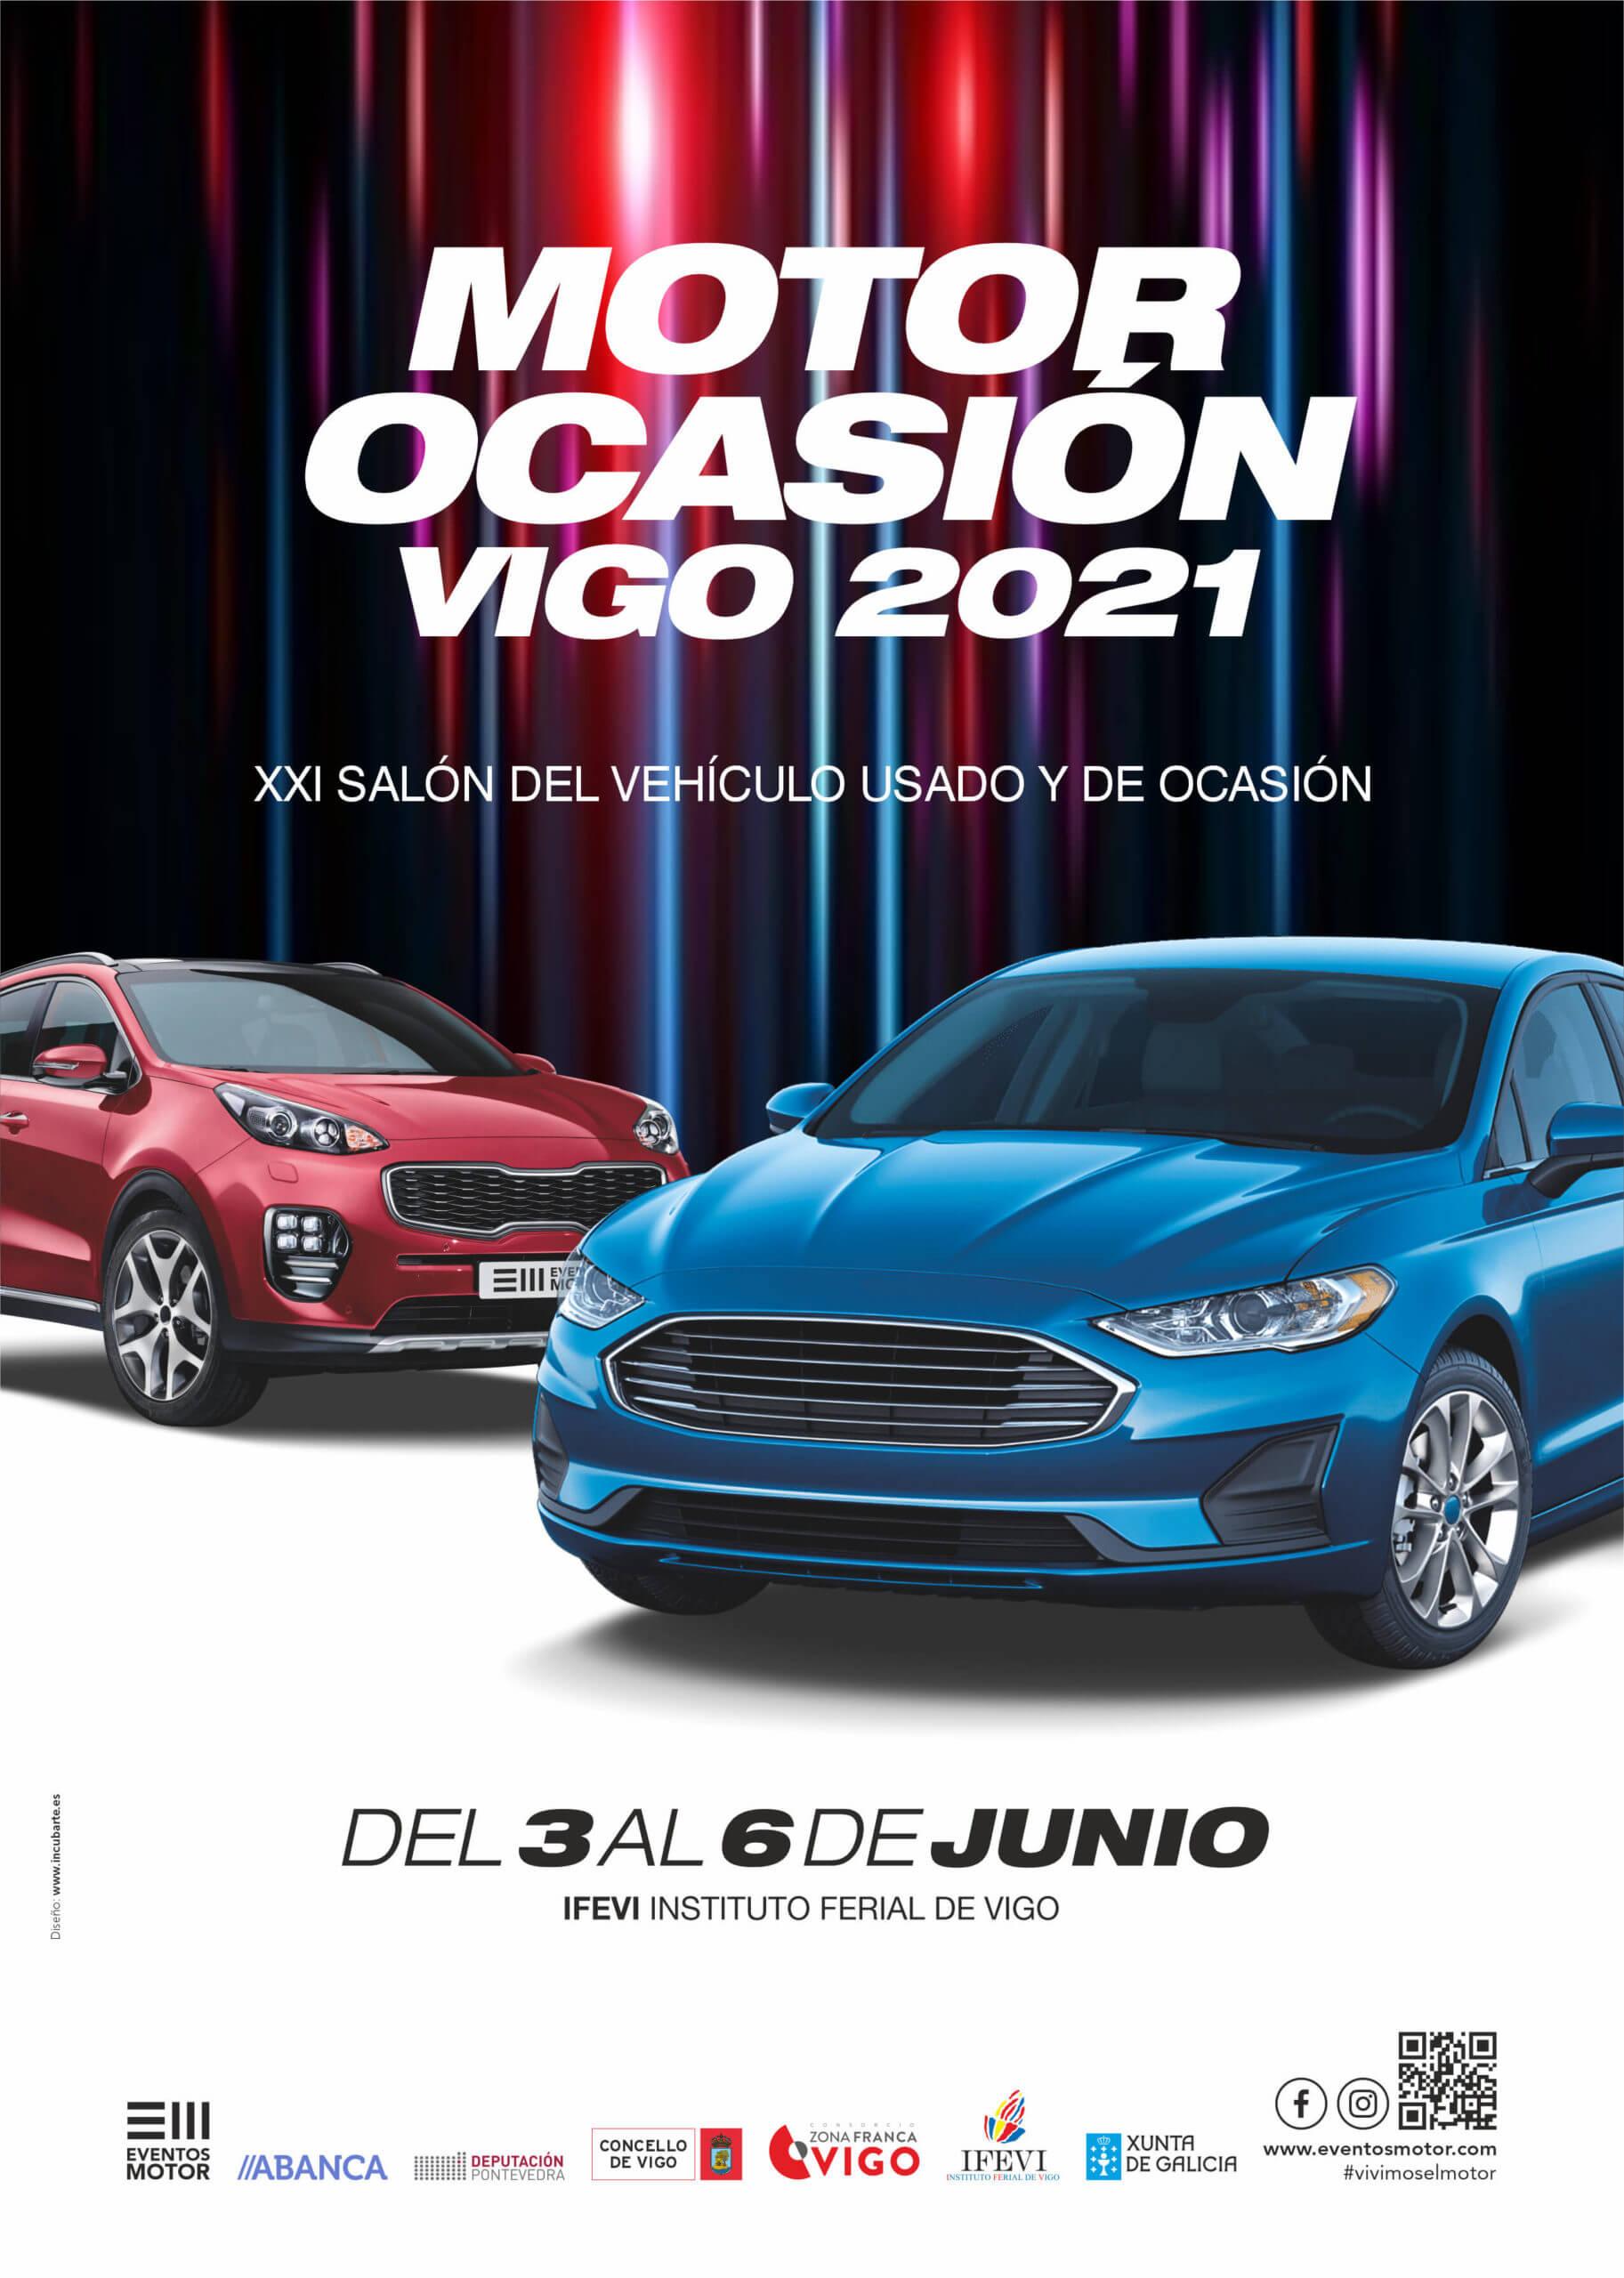 Motor Ocasión Vigo 2021